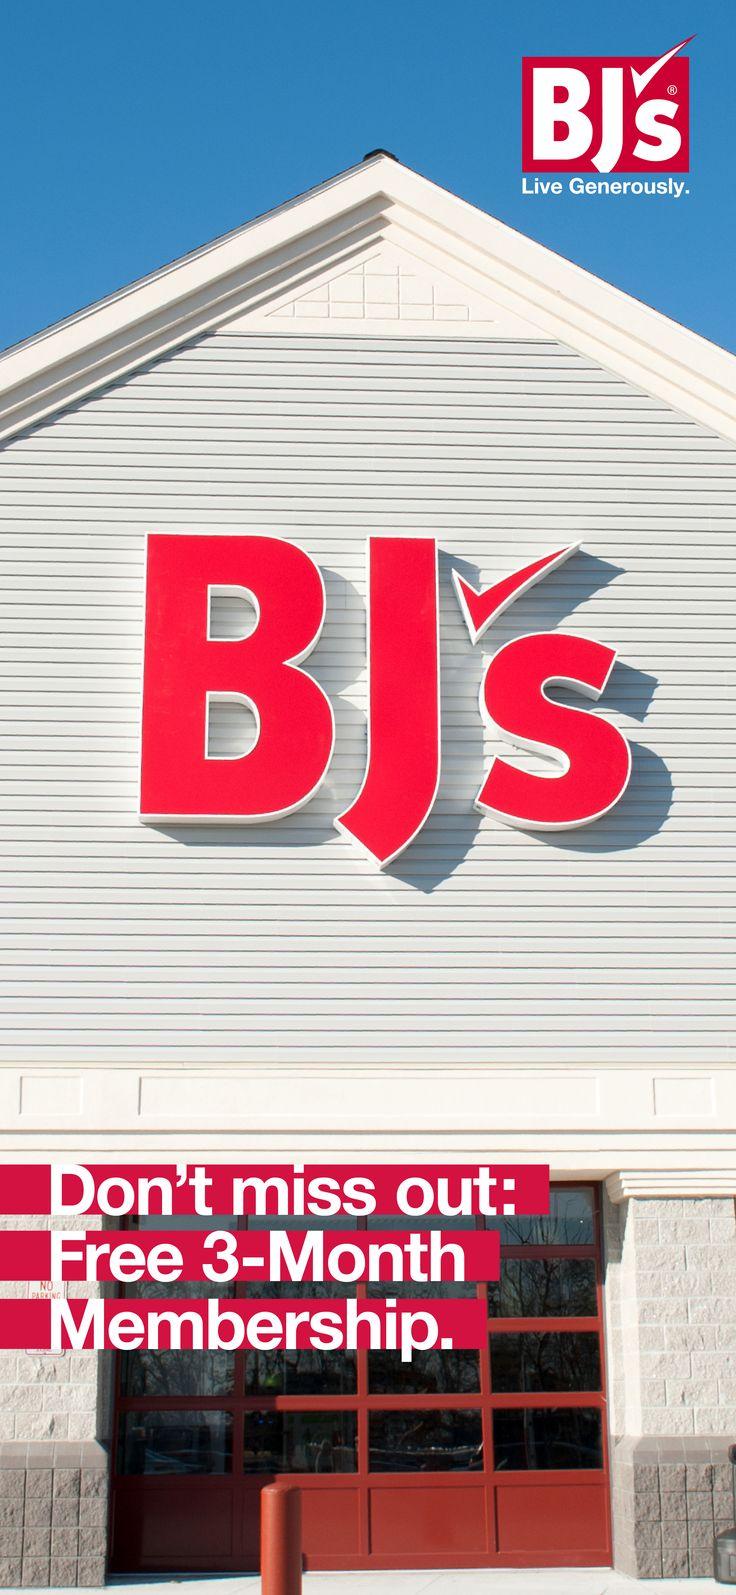 bjs deals april